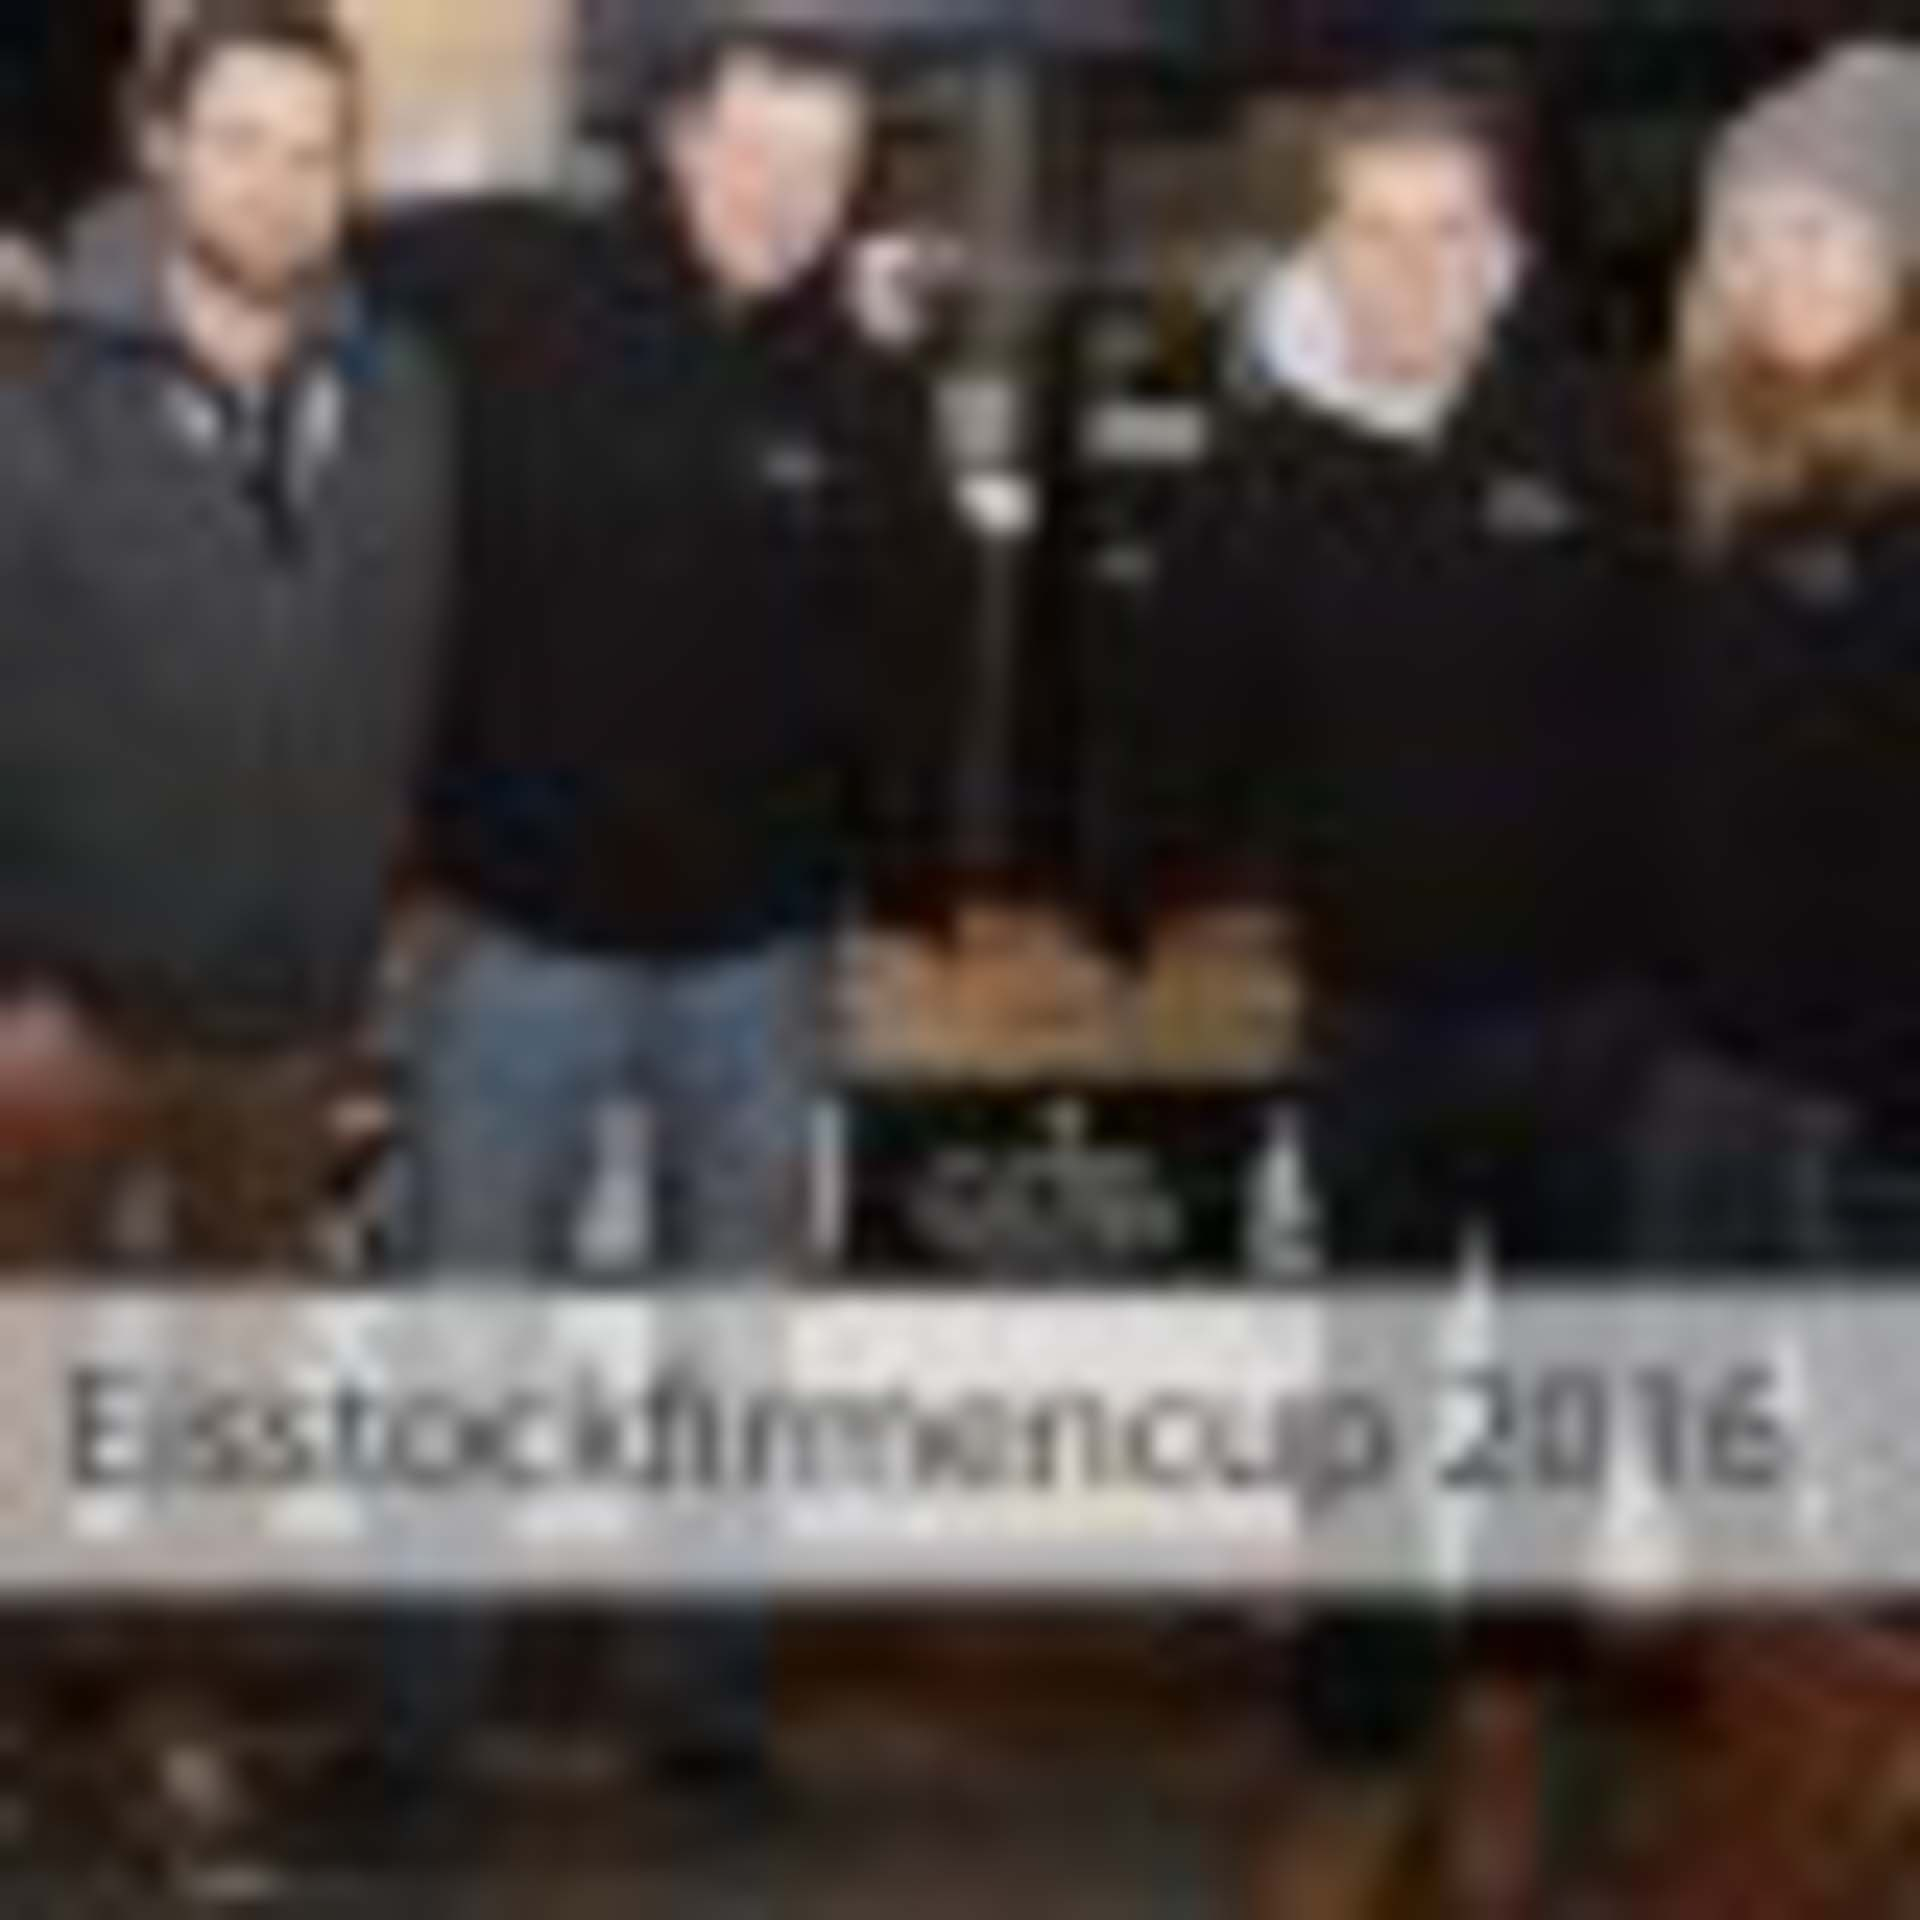 Eisstockfirmencup 2016 | Papier-Schäfer GmbH & Co. KG